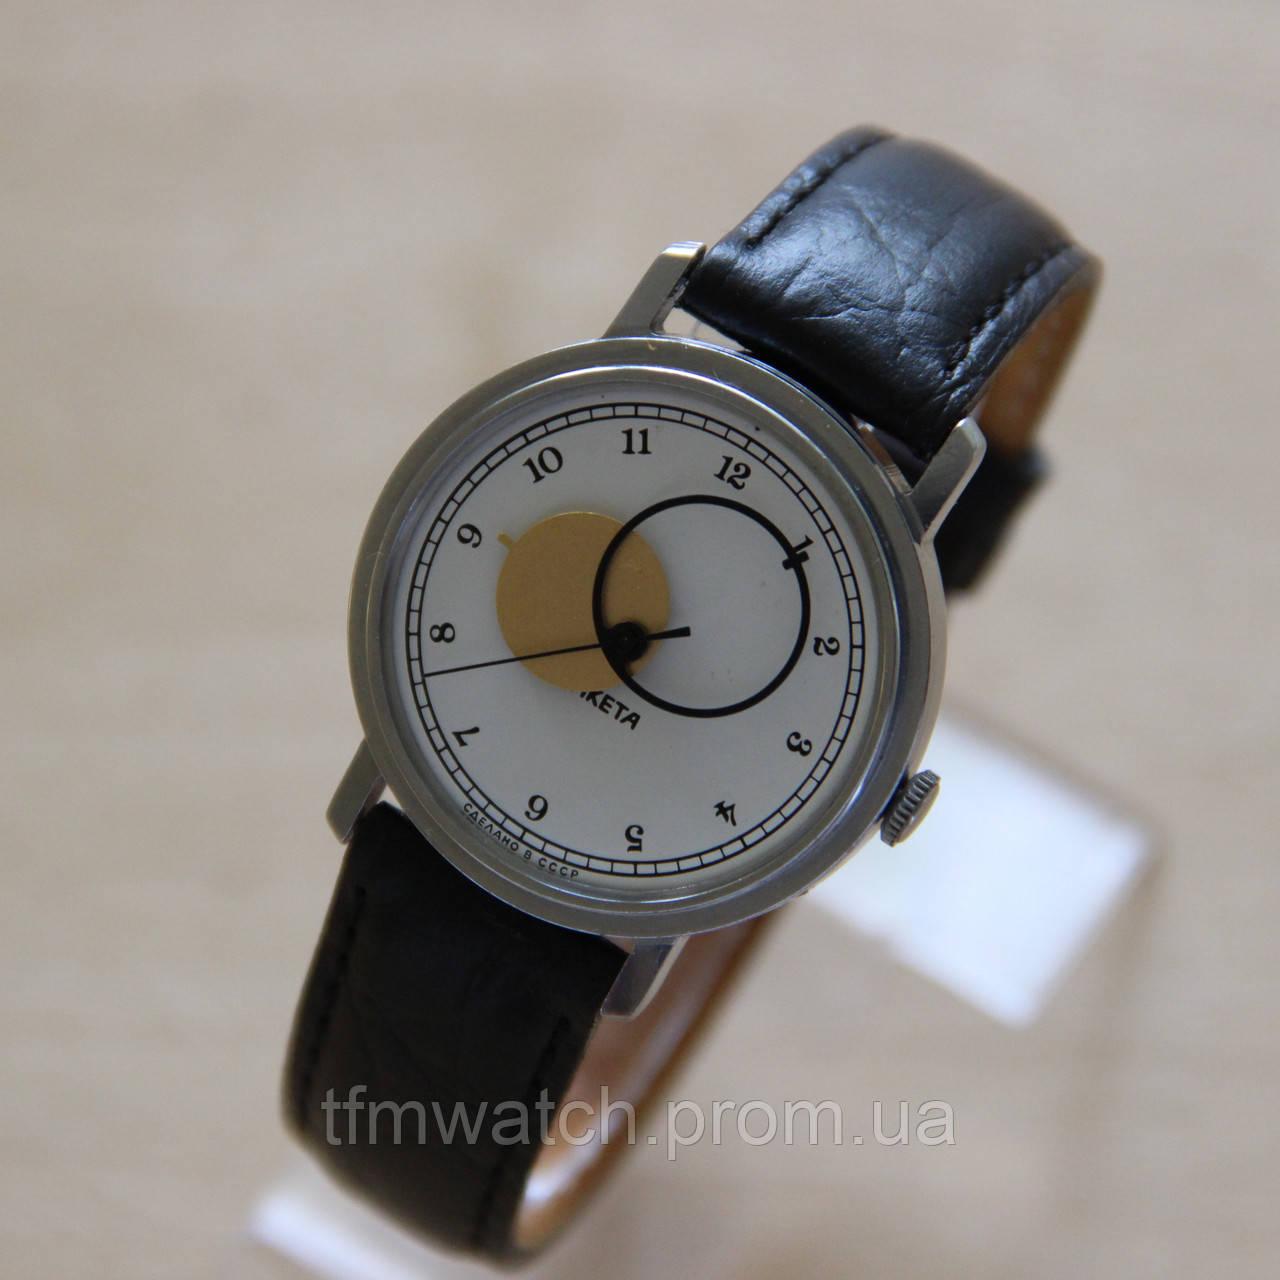 Наручные часы ракета коперник купить часы наручные мужские stuhrling